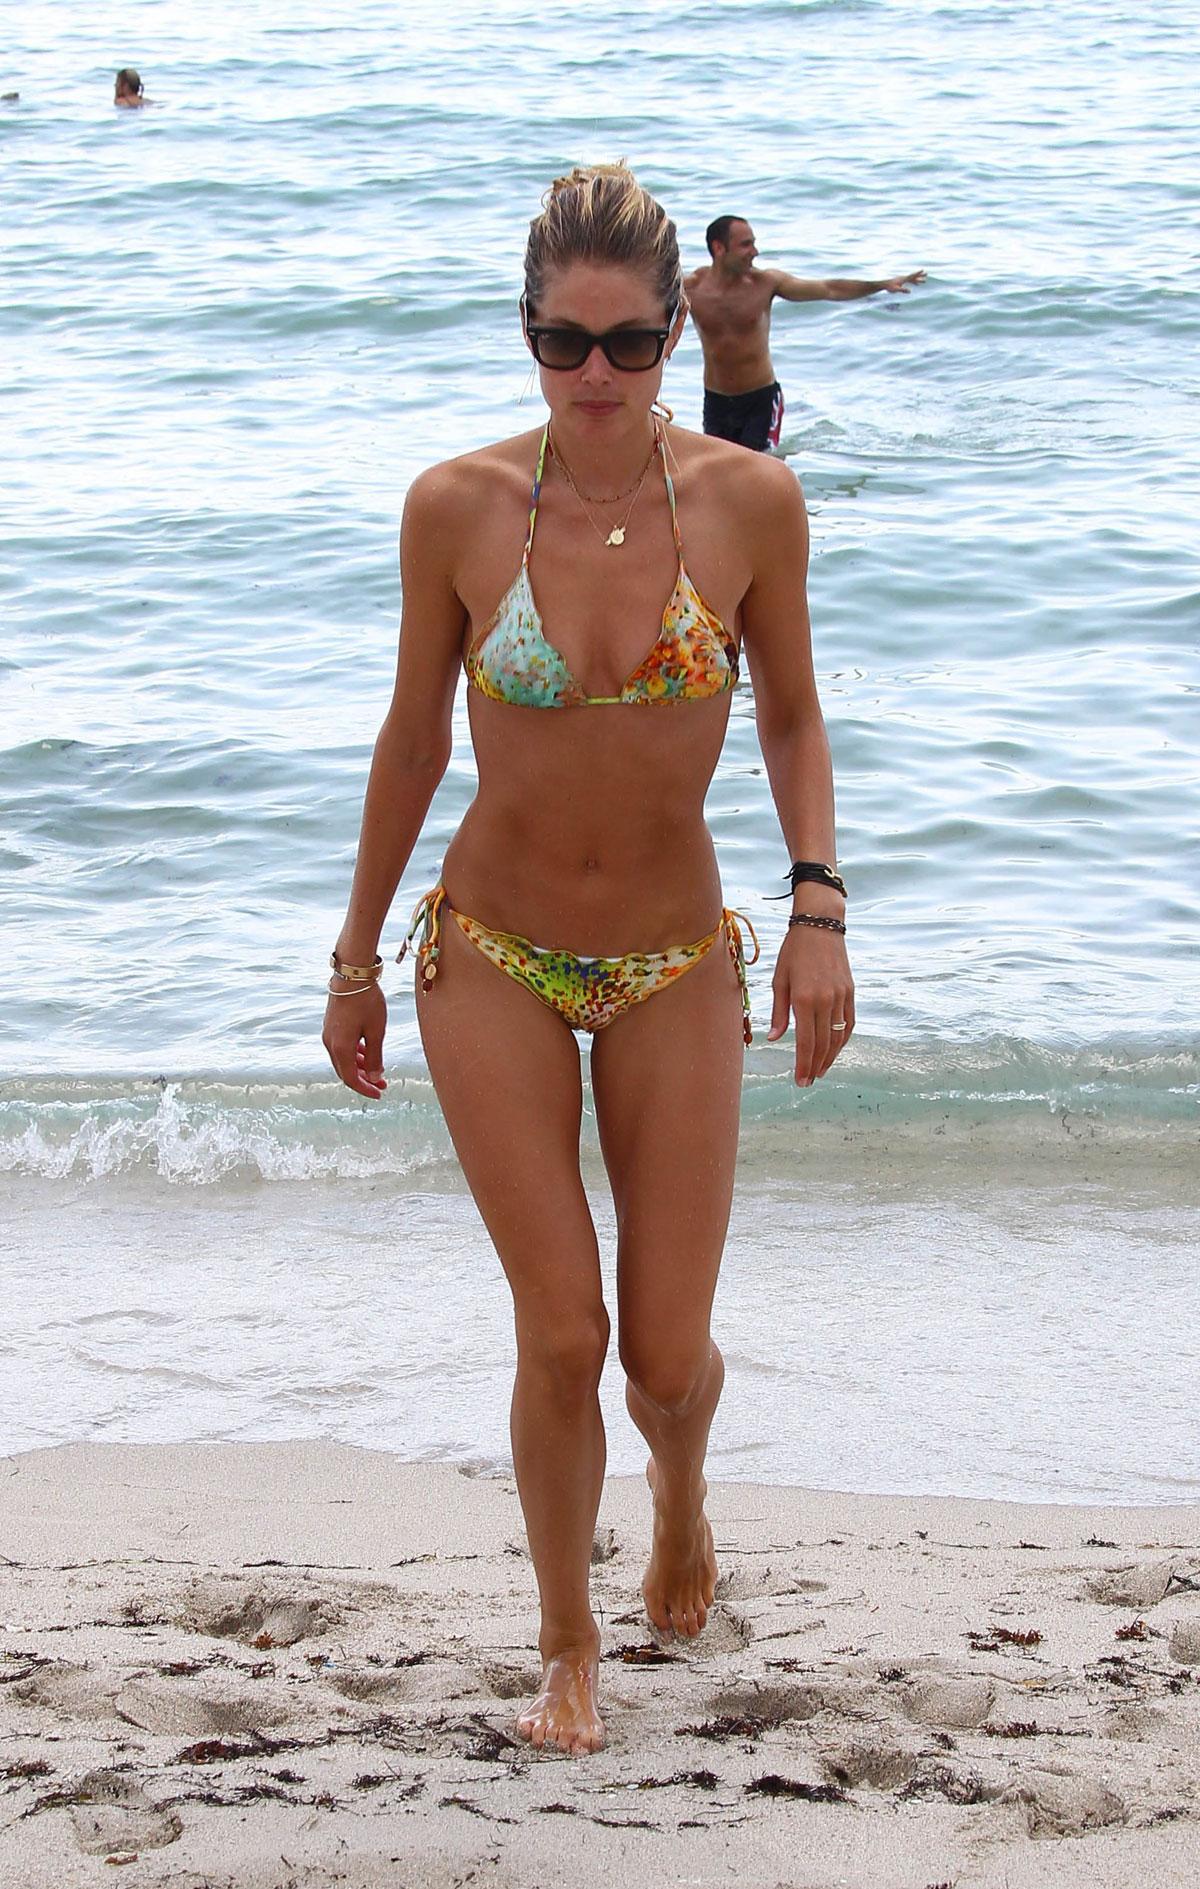 Olivia thirlby bikini pics